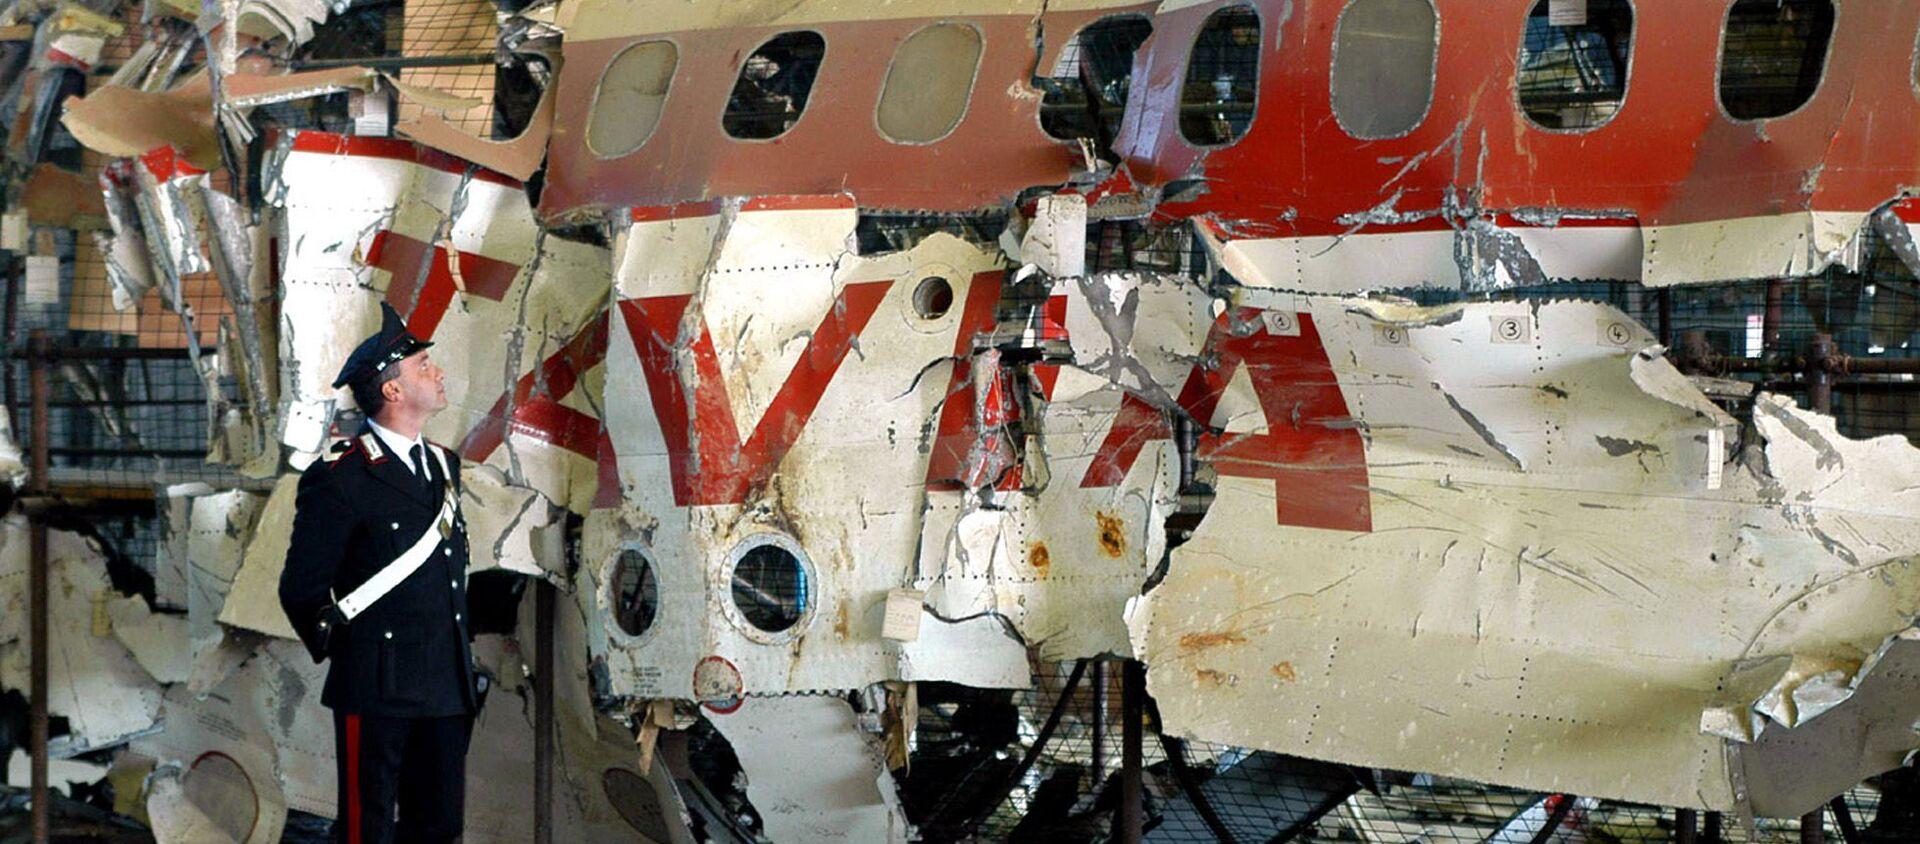 Los restos del avión DC-9-15 de Aerolinee Itavia, derribado en junio de 1980 - Sputnik Mundo, 1920, 11.01.2020